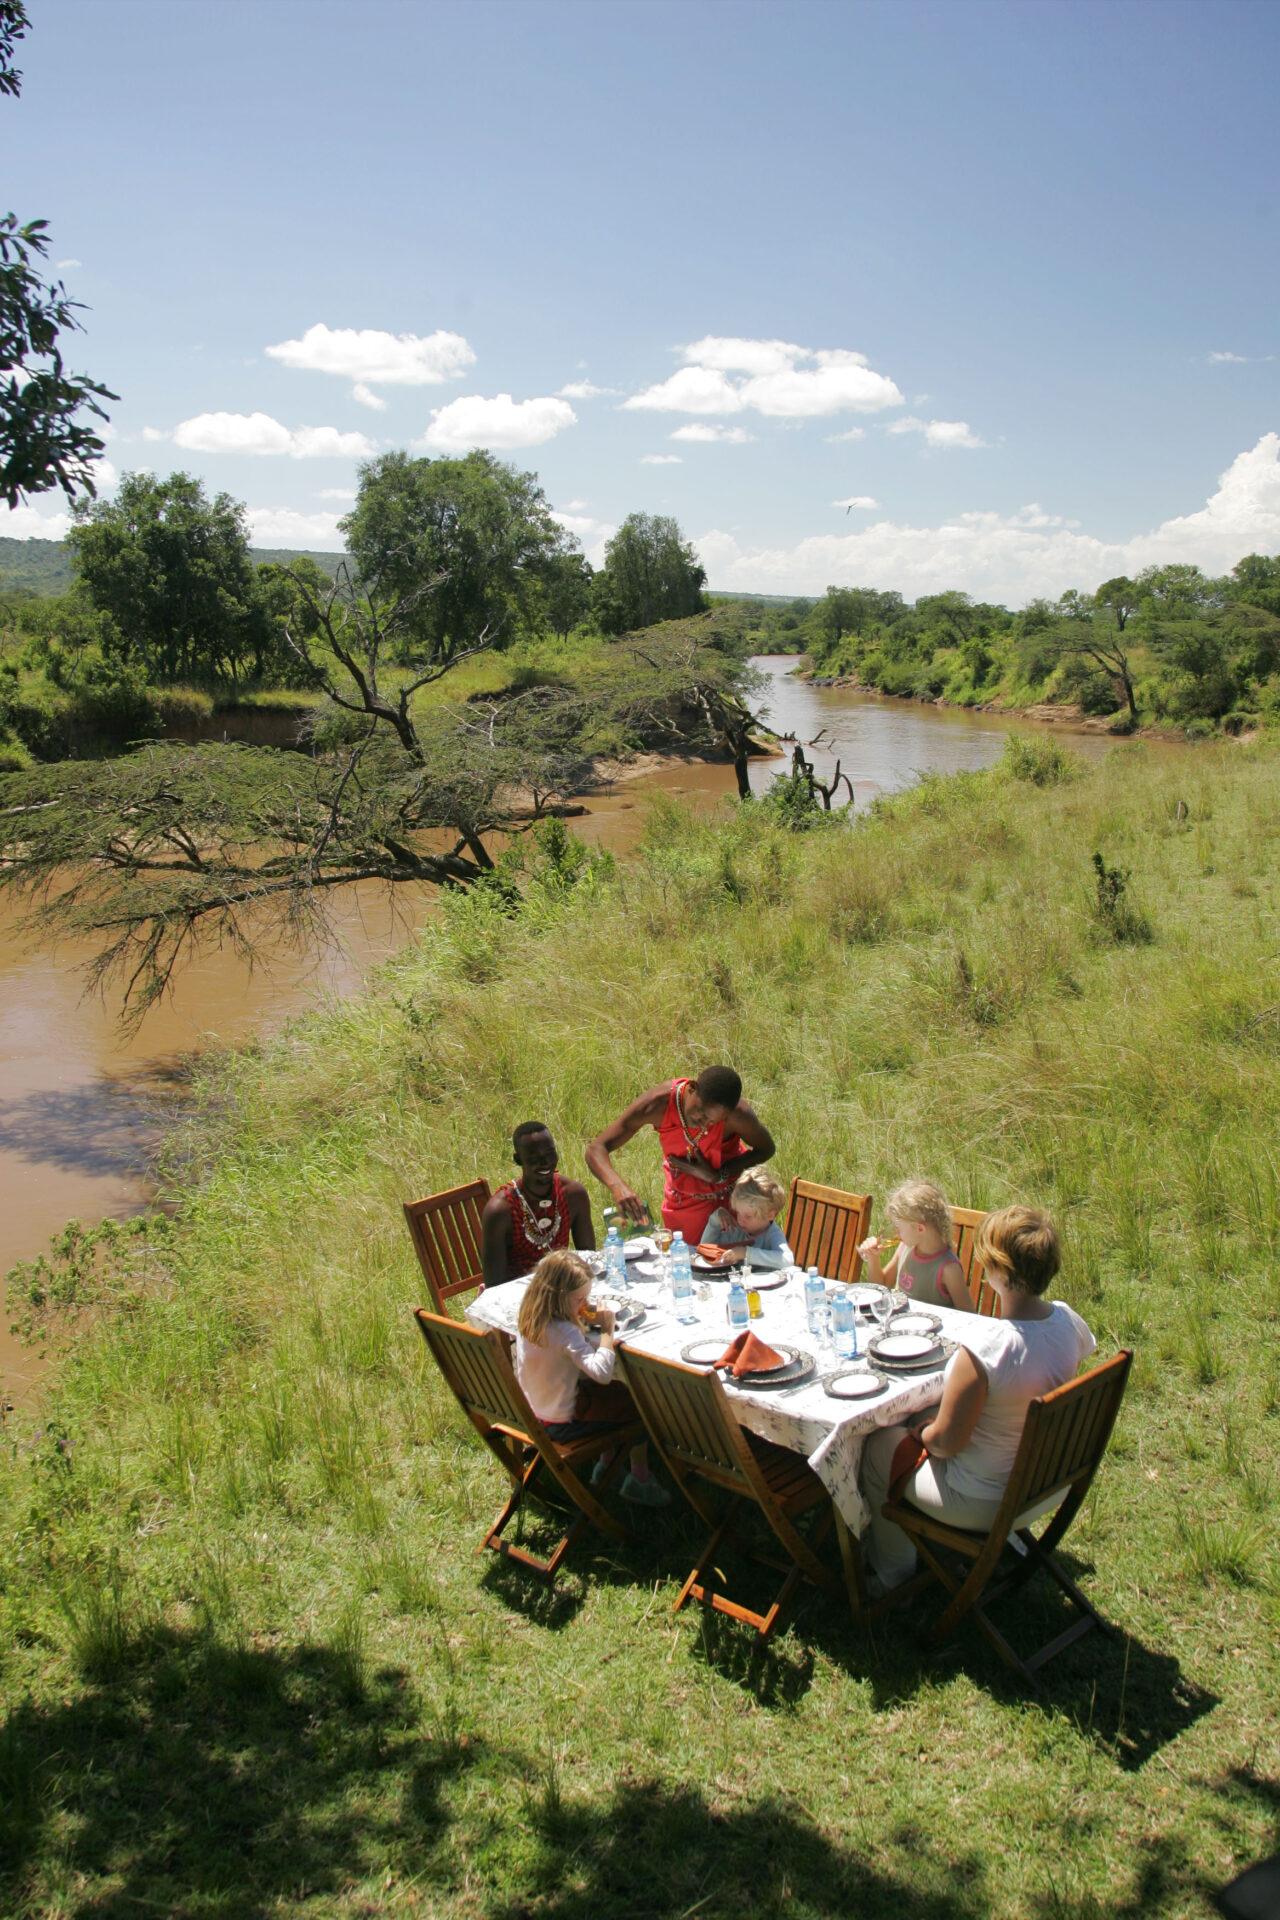 Bush breakfast along the river